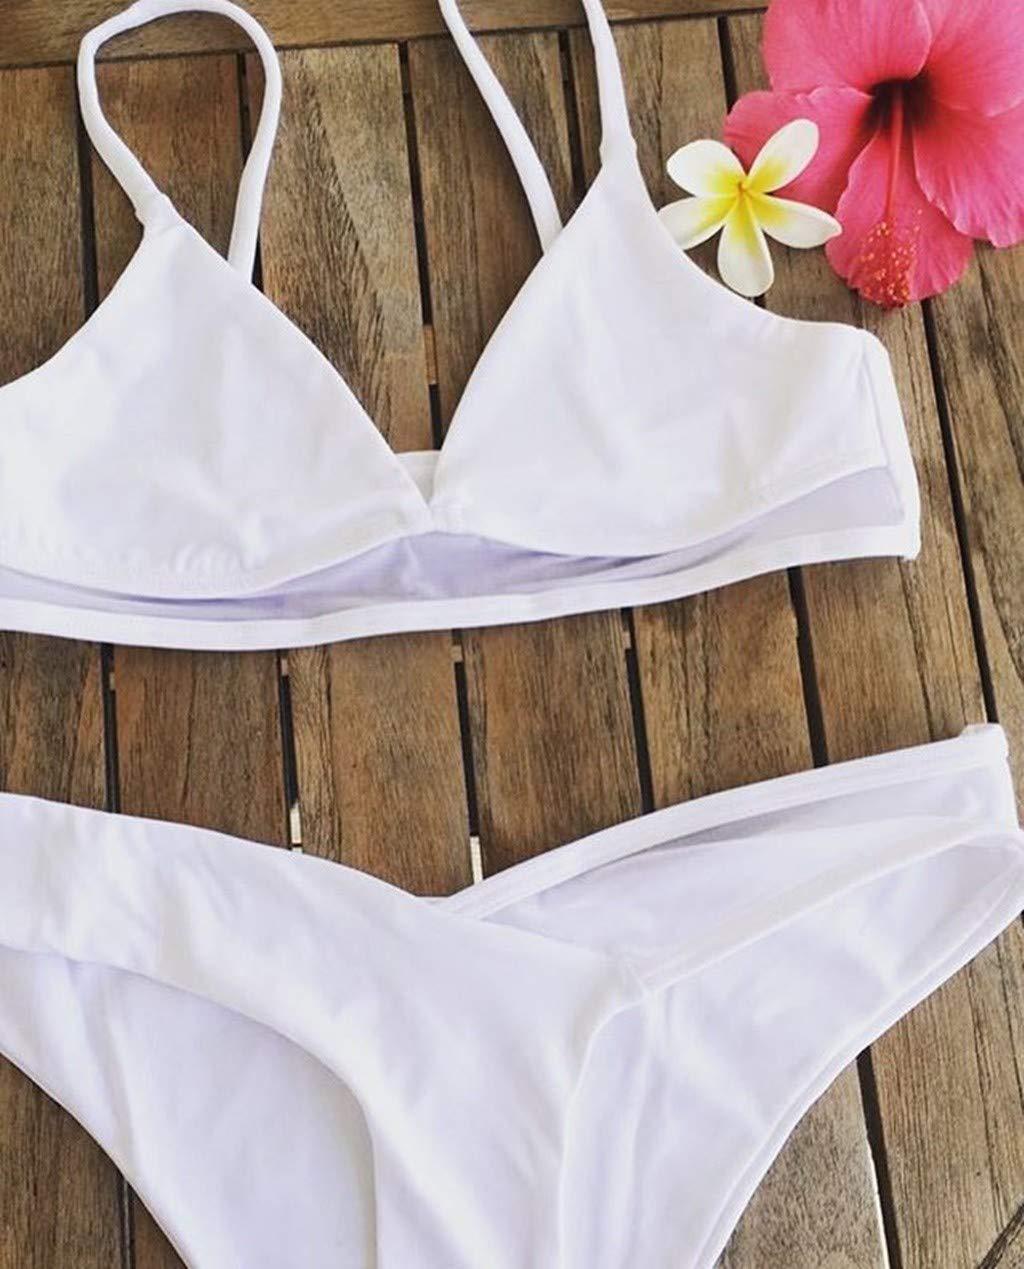 Mujer Ropa de Baño Tops de Bikini con Relleno Traje de Baño Push up Bañador de Cuello Hálter Mujer Push-up Bikini: Amazon.es: Electrónica